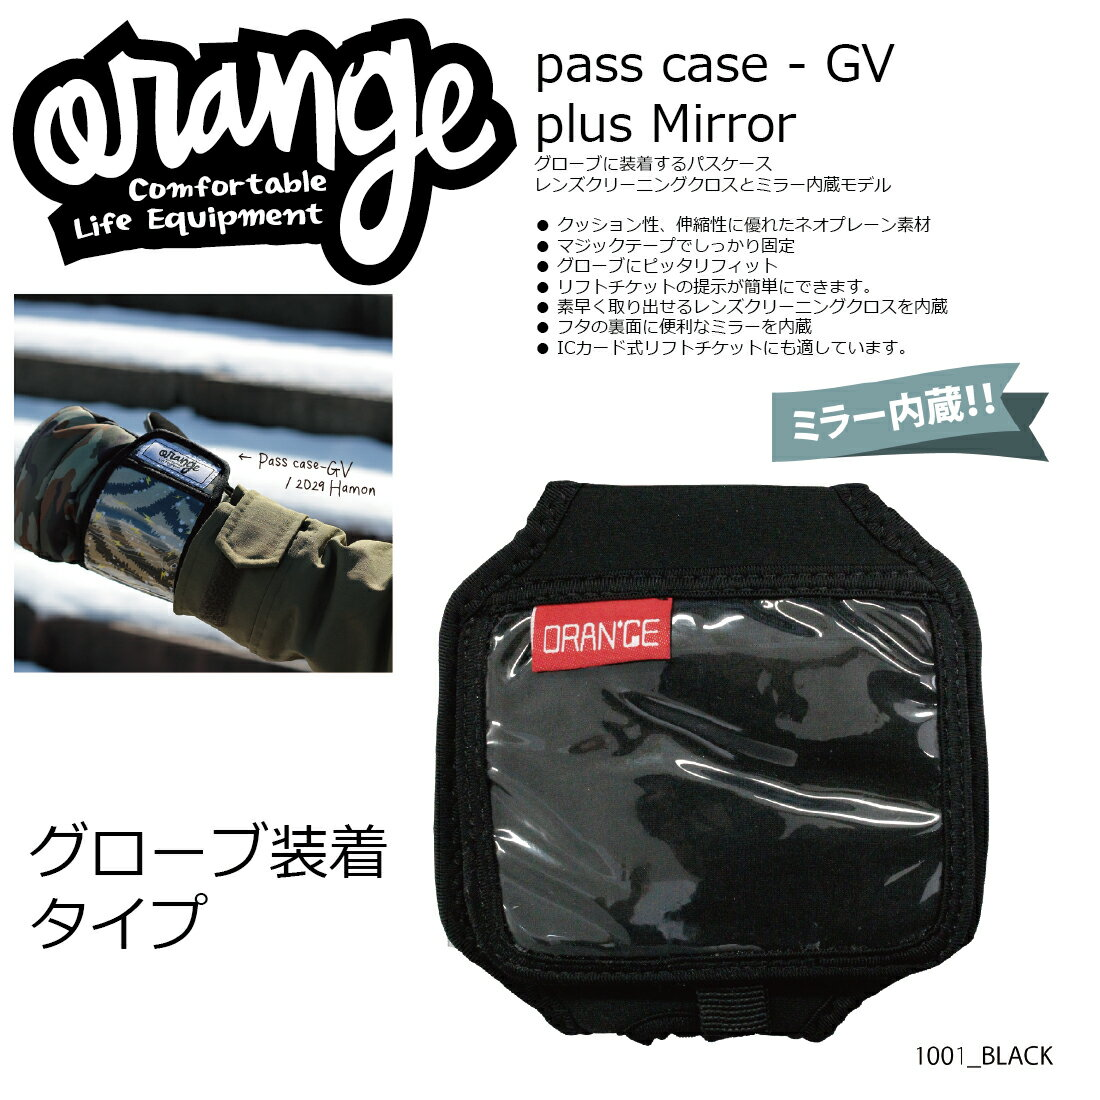 Oran'ge Pass-Case GV PLUS 1001 BLACK オレンジ パスケース ジーワイ プラス グローブ装着タイプ ヨコ 2017 2017-18